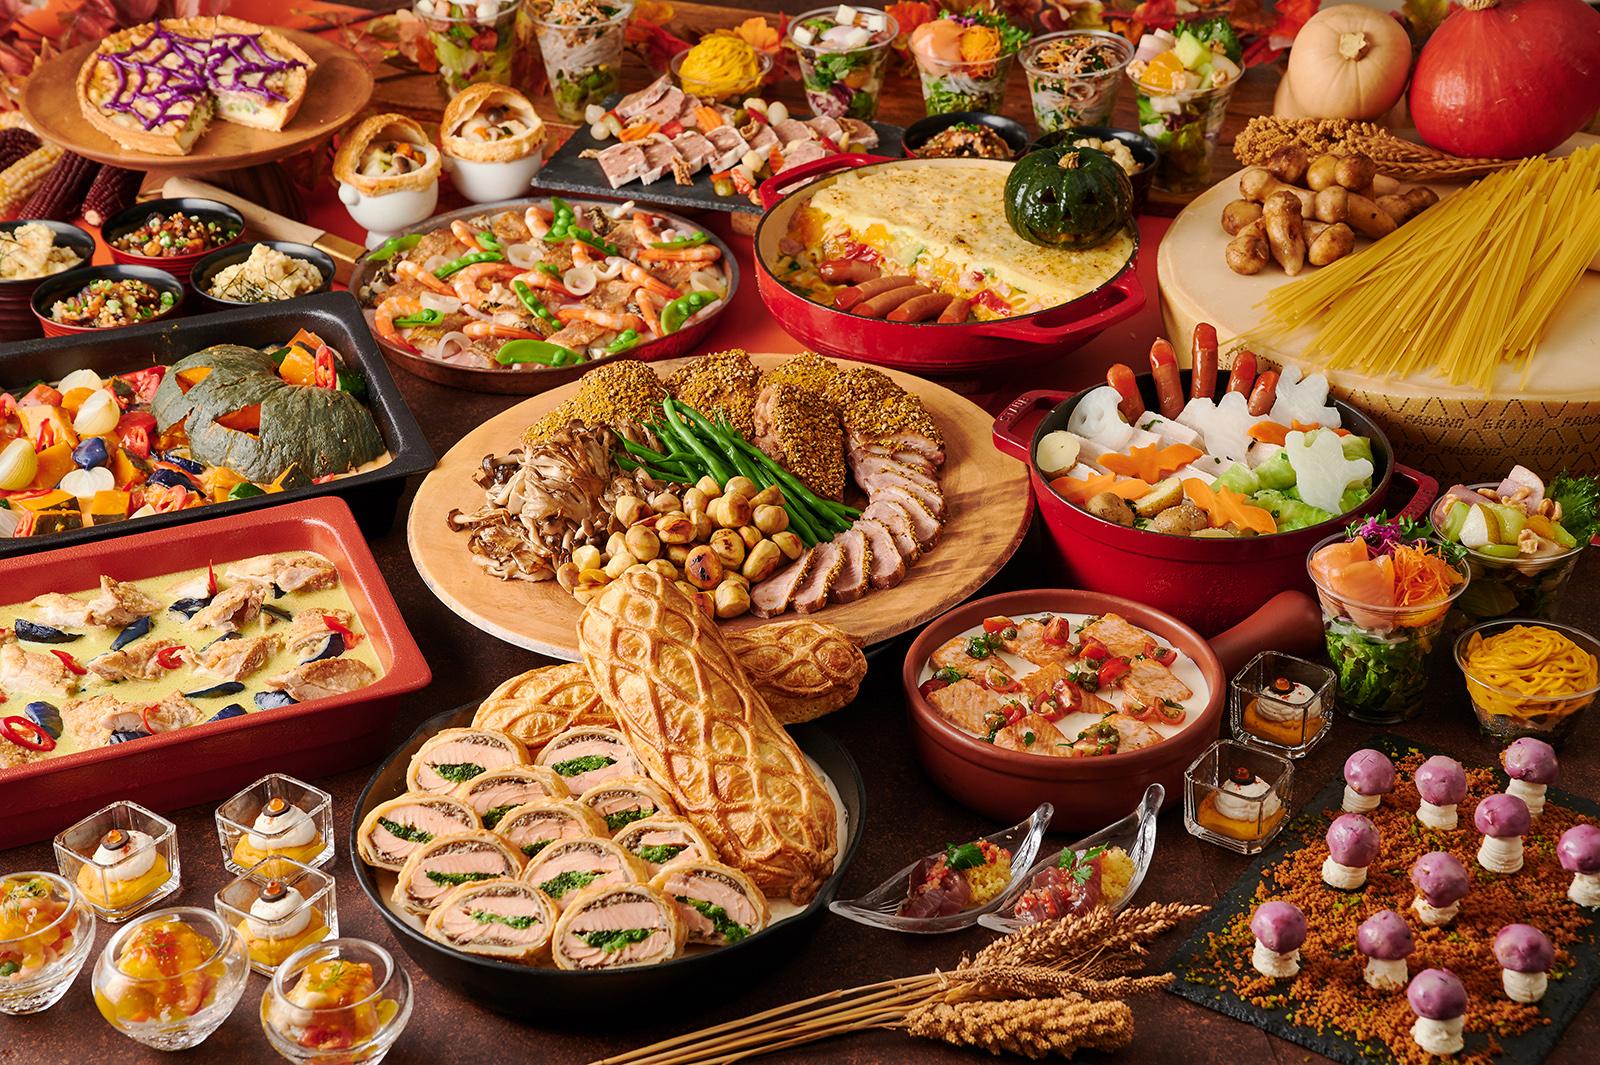 食材が豊かな「実りの秋」をたっぷり味わえる料理やハロウィンスイーツをライナップ